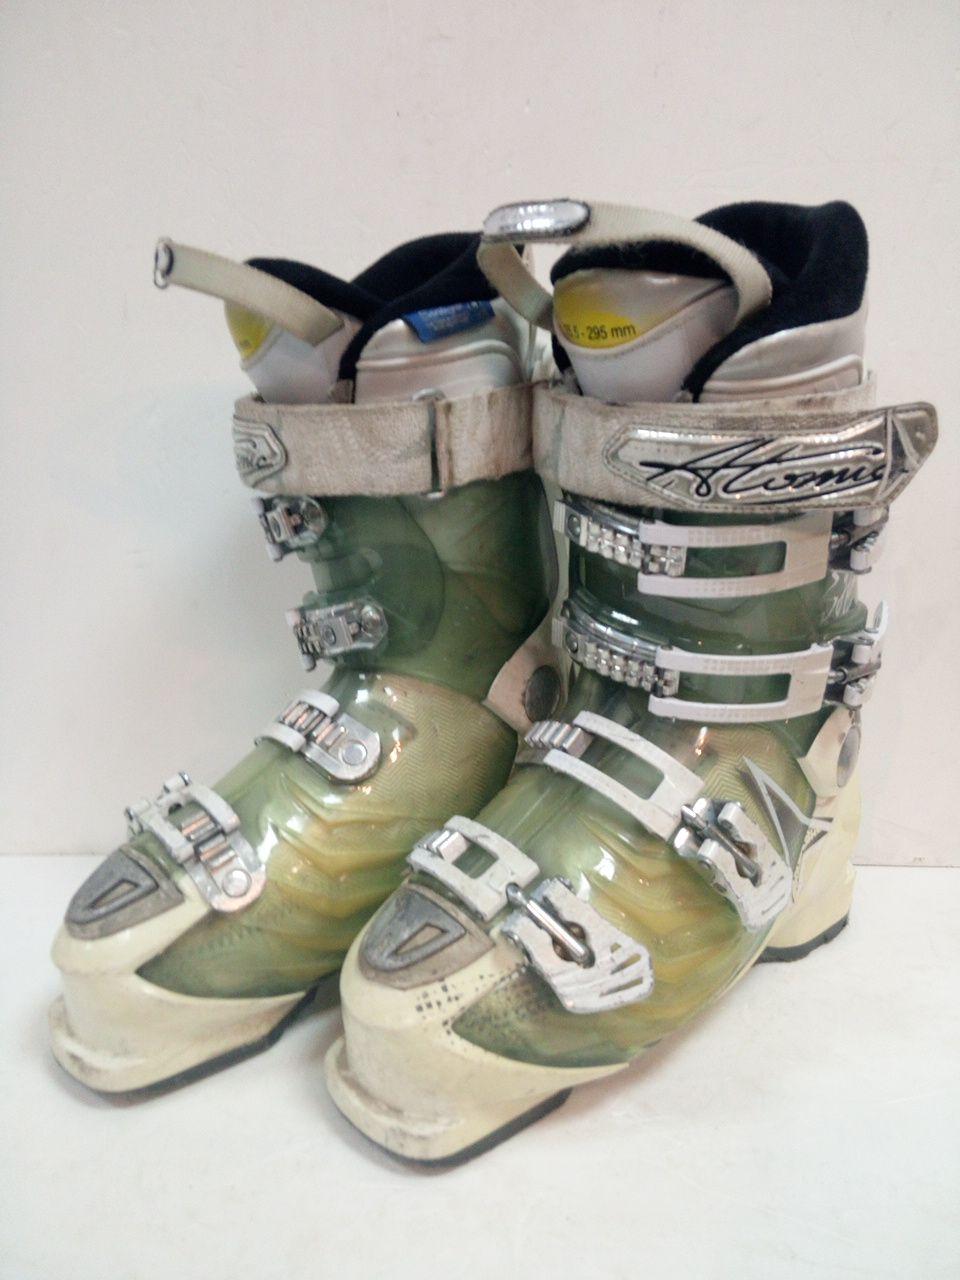 Ботинки горнолыжные Atomic (размер 39) - купить по выгодной цене в ... 2c964648d91